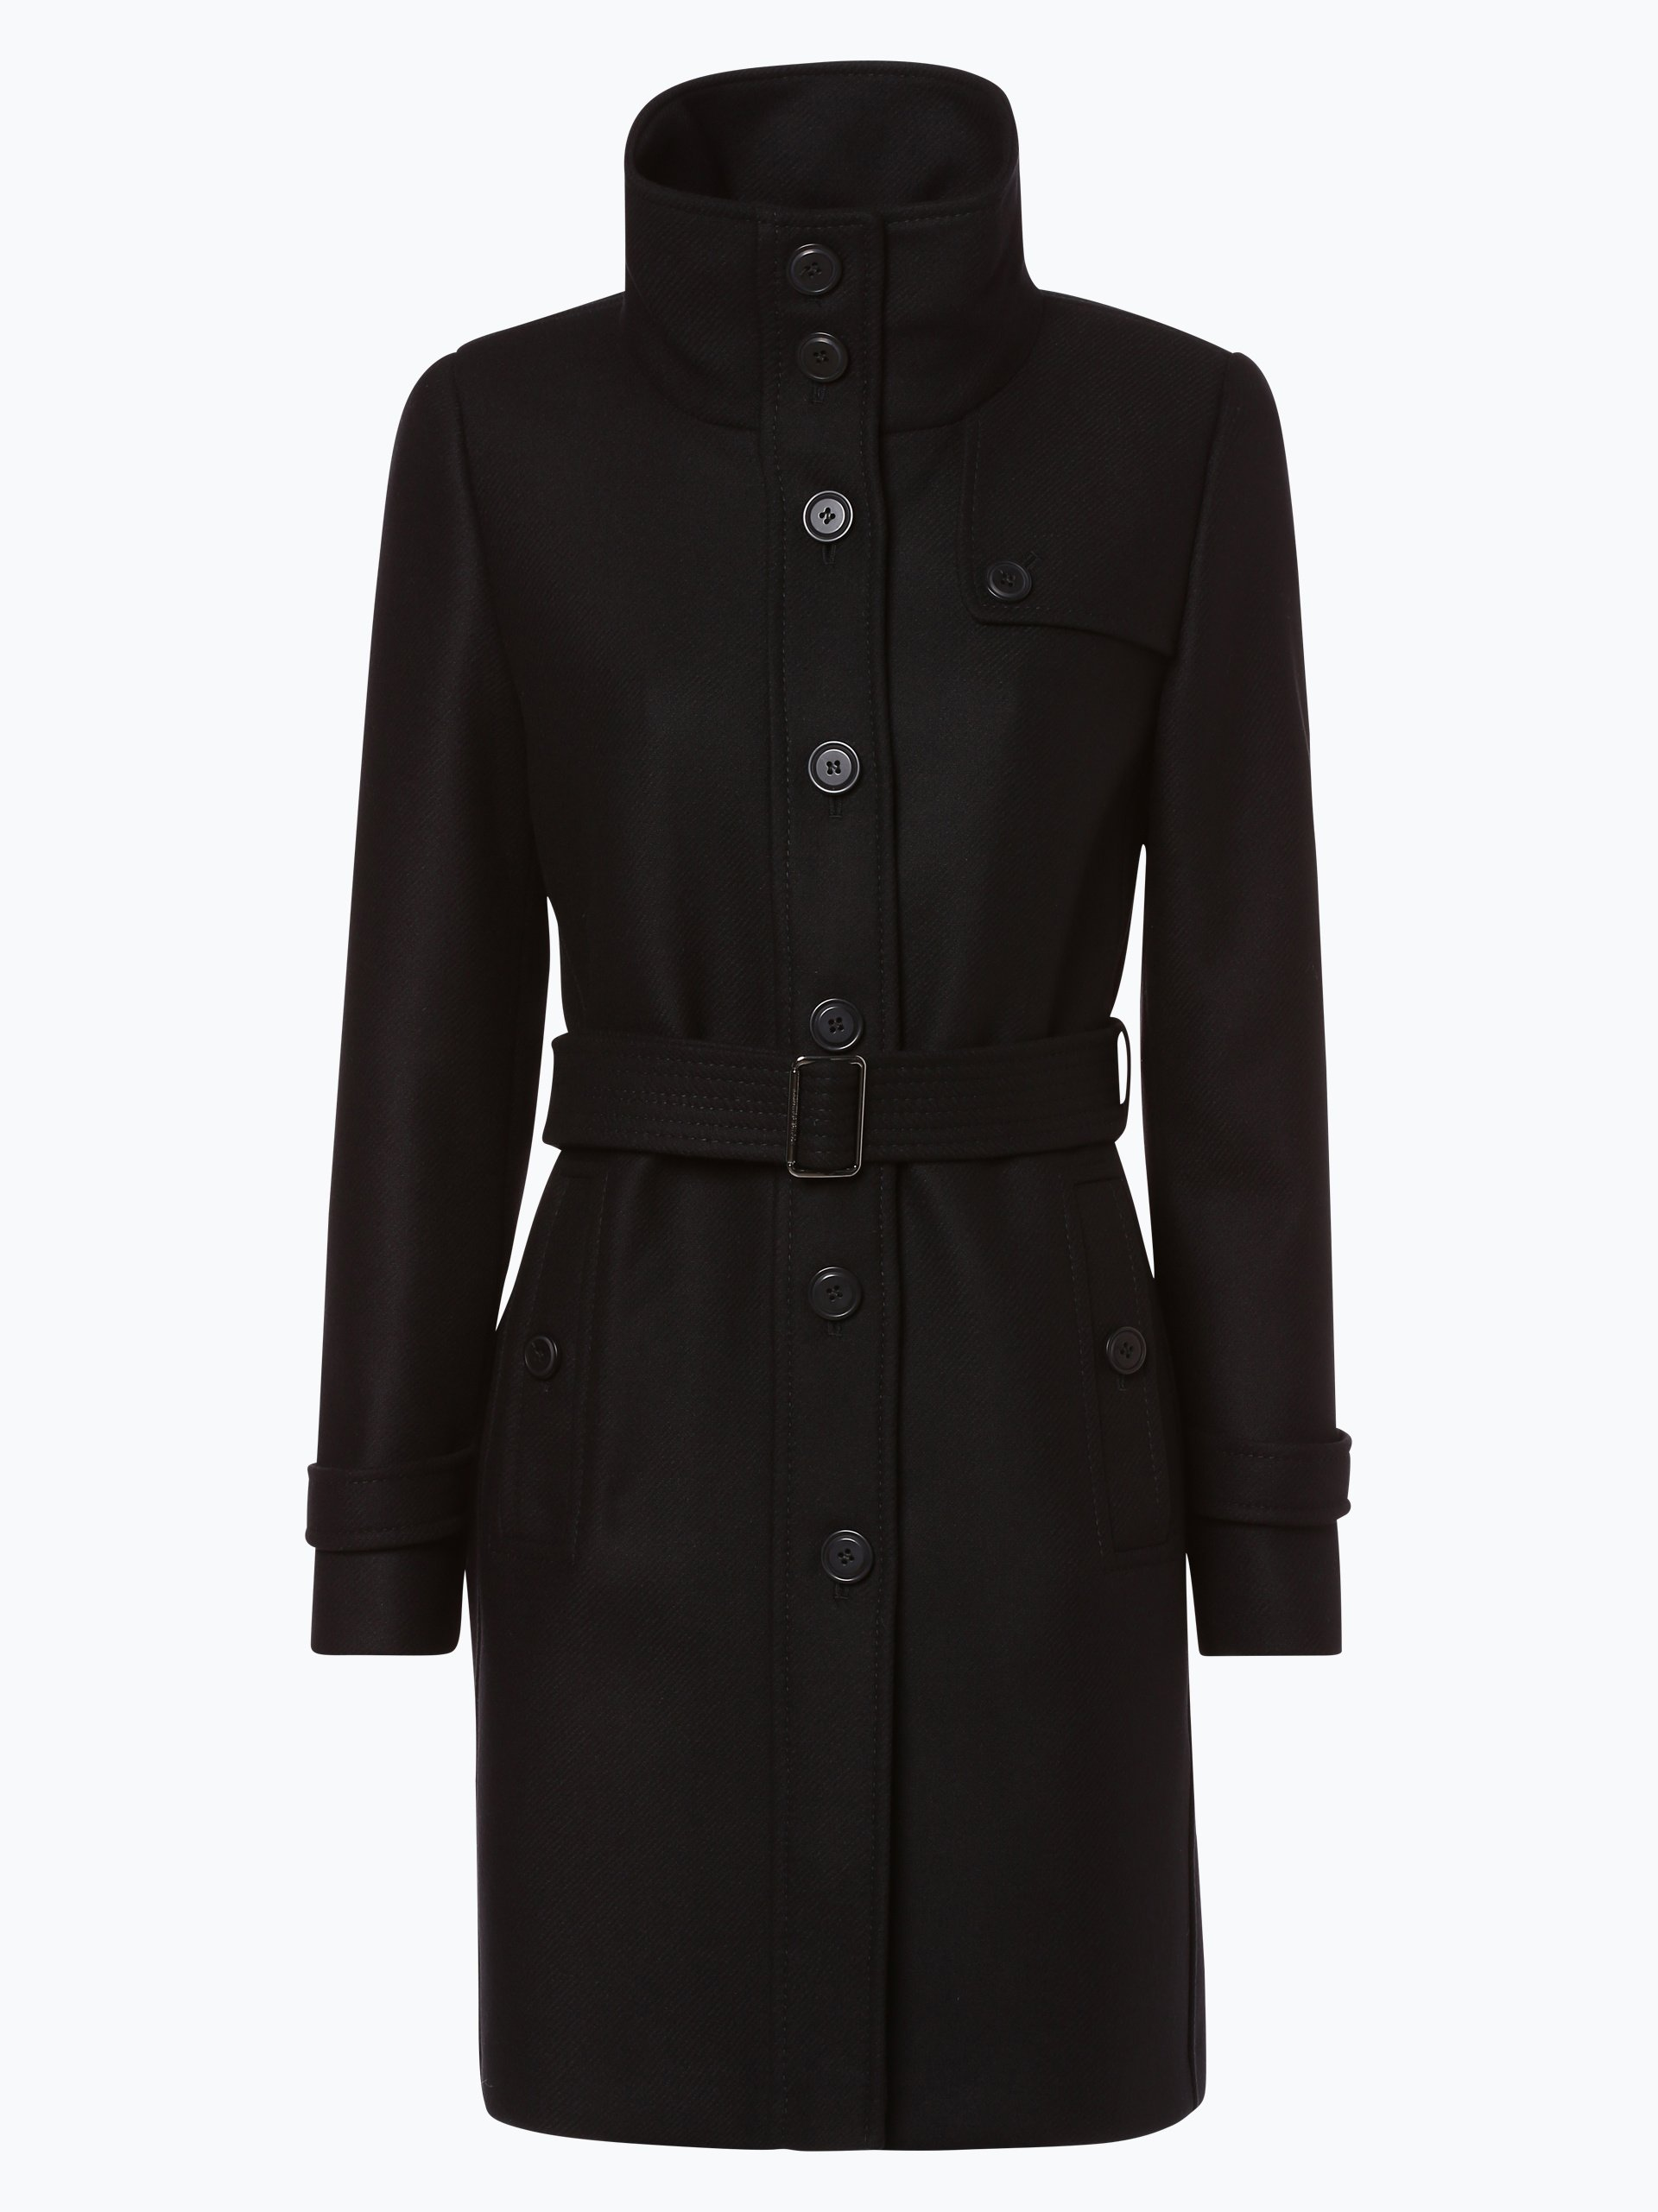 fuchs schmitt damen mantel schwarz gestreift online kaufen peek und cloppenburg de. Black Bedroom Furniture Sets. Home Design Ideas